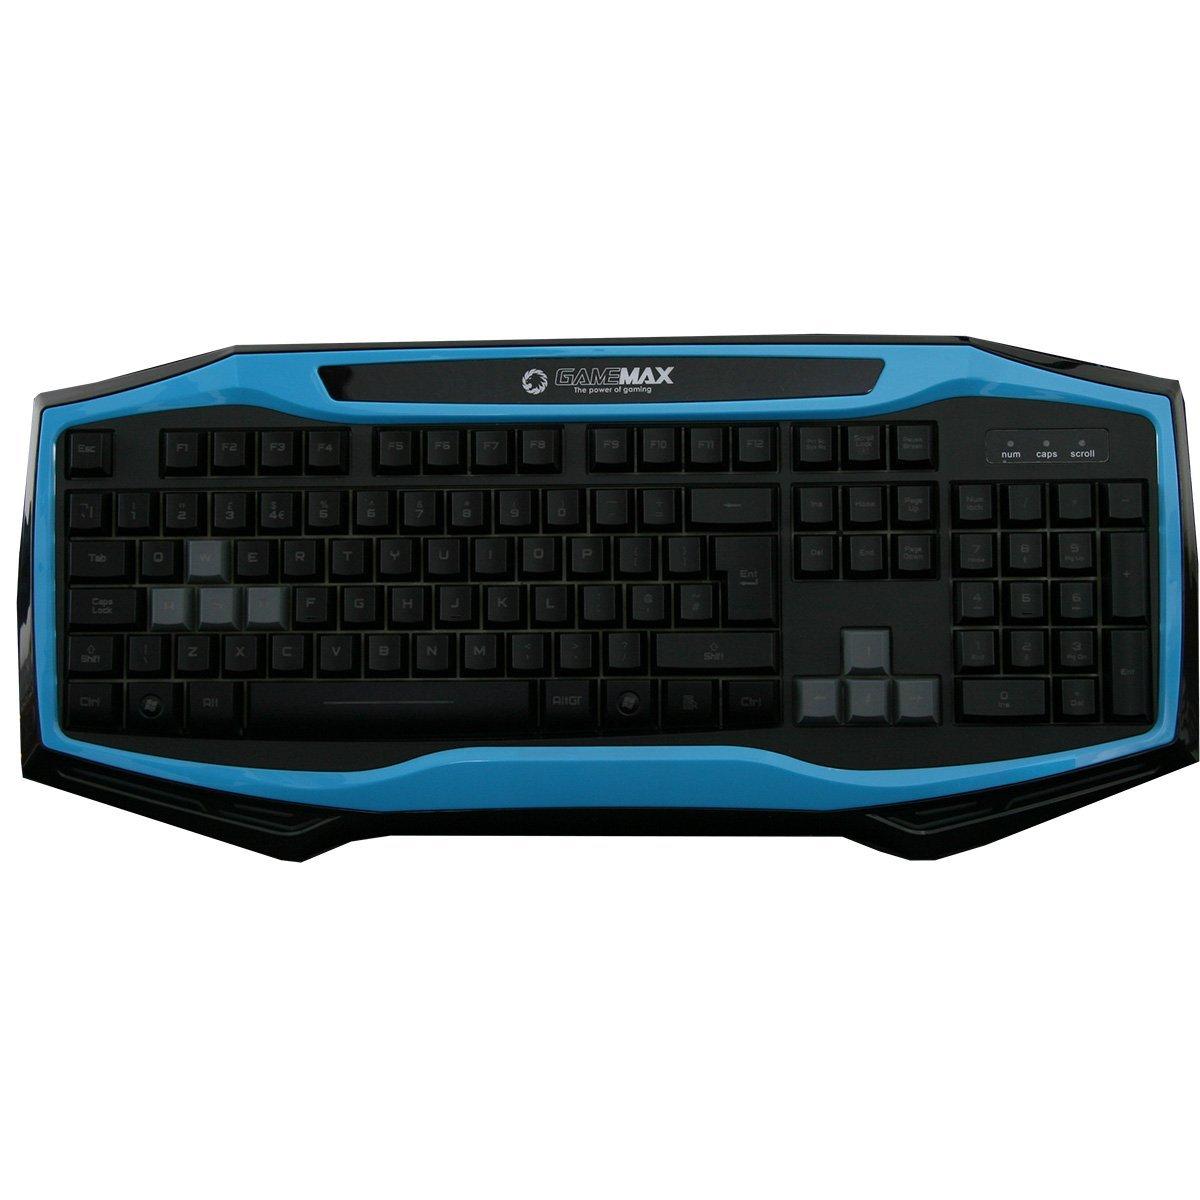 Game Max GMX-Raptor - Pack de Teclado, ratón con Alfombrilla y Auriculares con retroiluminación LED, Color Negro y Azul: Amazon.es: Informática